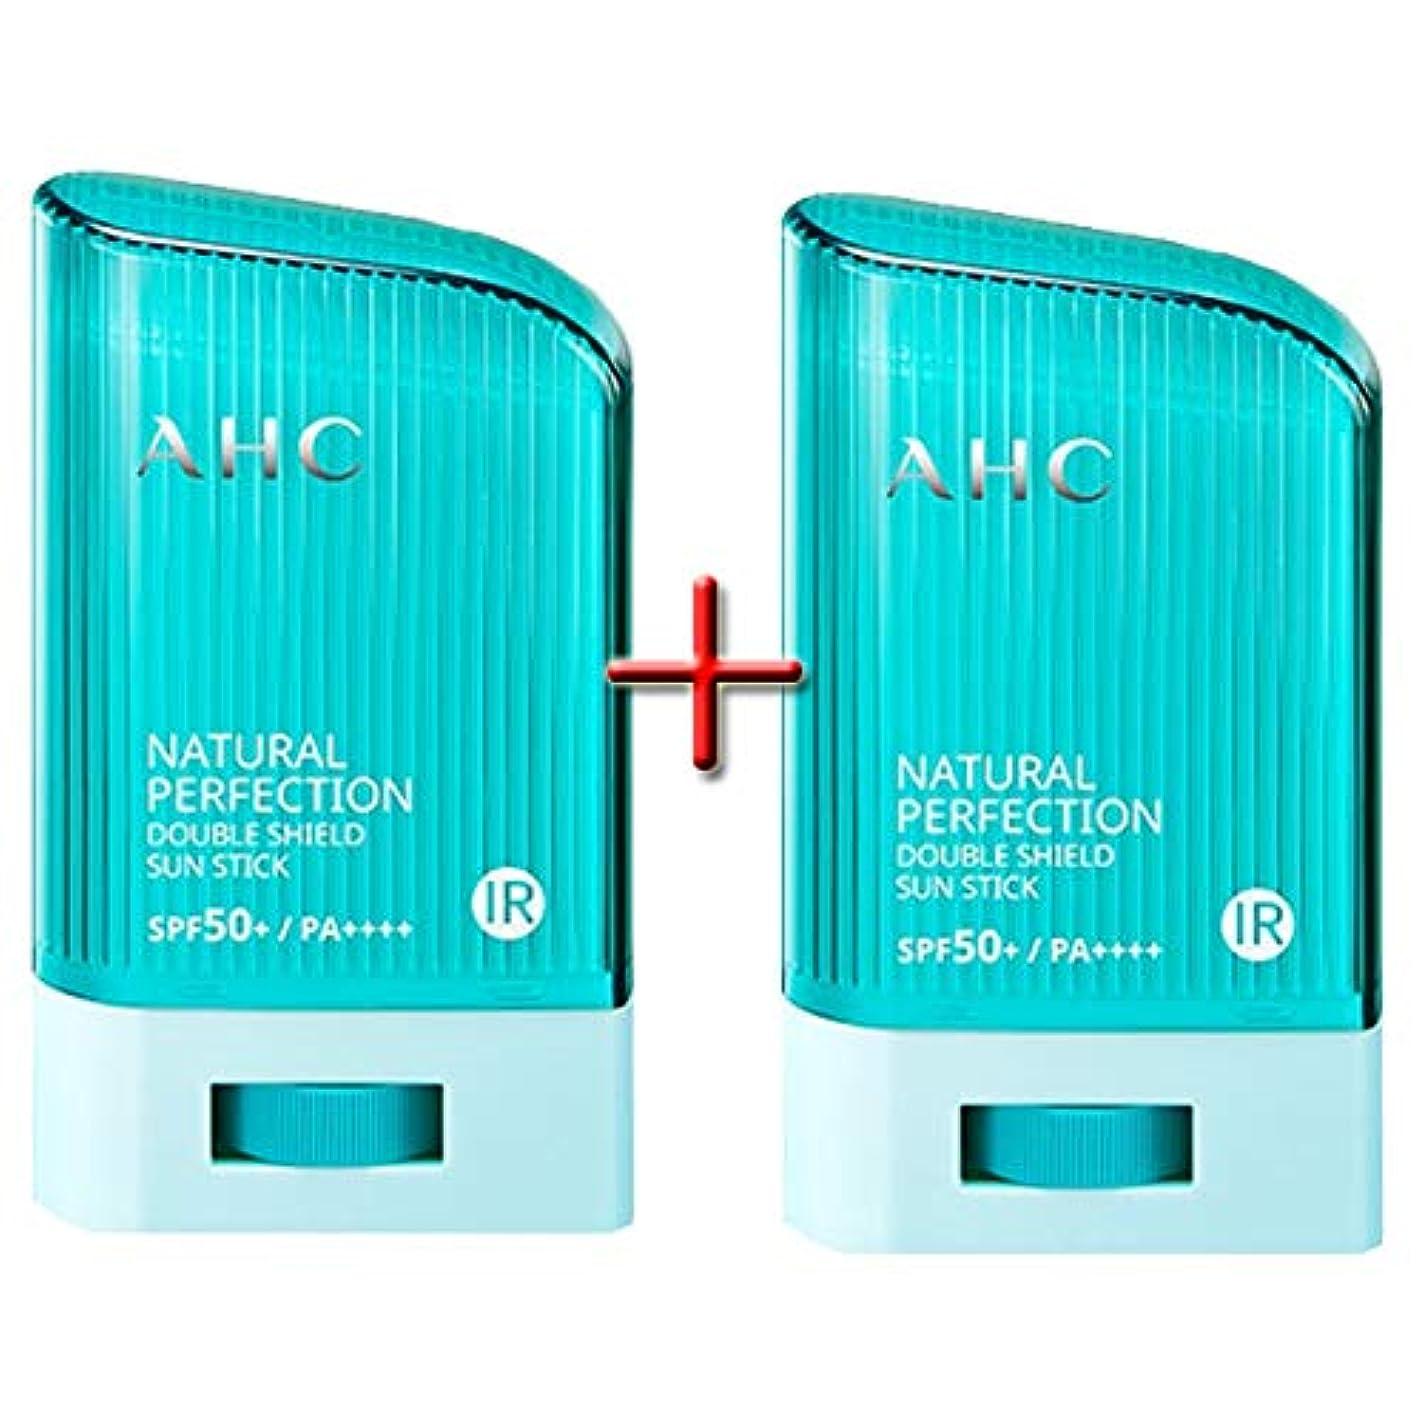 もし動物園経済[ 1+1 ] AHC ナチュラルパーフェクションダブルシールドサンスティック 22g, Natural Perfection Double Shield Sun Stick SPF50+ PA++++